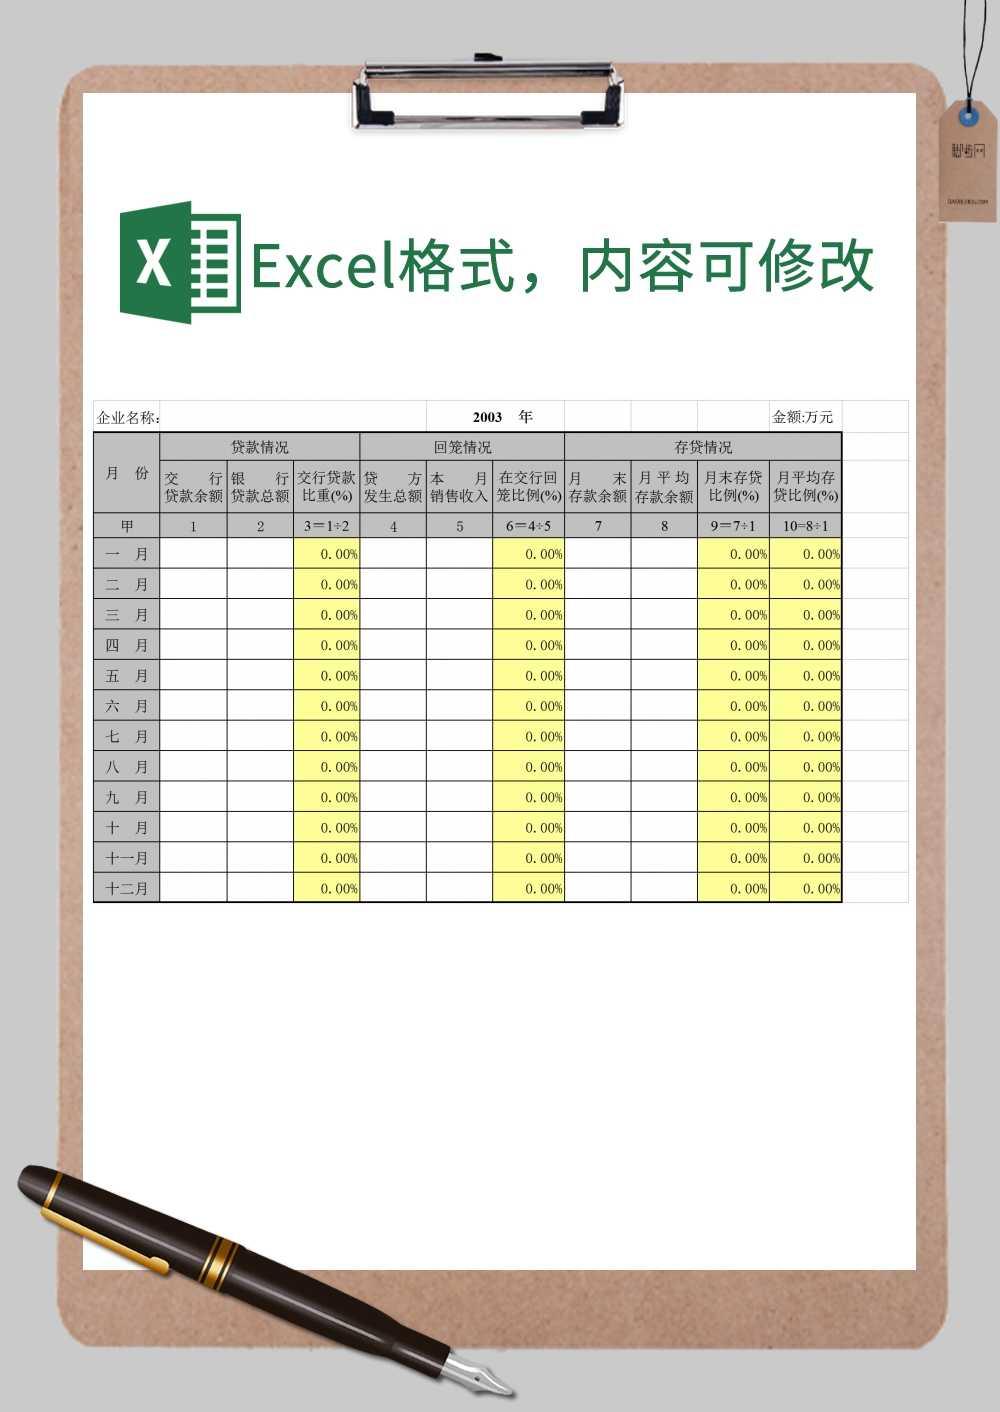 企业银行资金回笼贷款表Excel模板